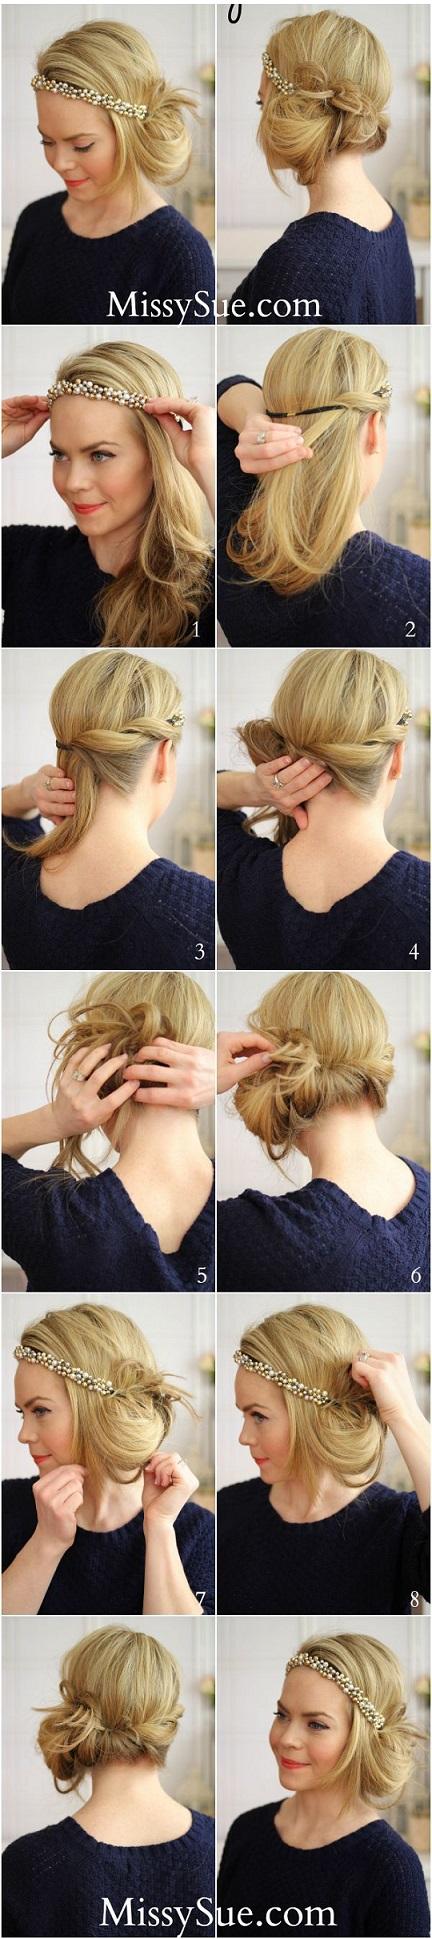 Idu00e9e coiffure- Comment faire chignon annu00e9es 20 /30